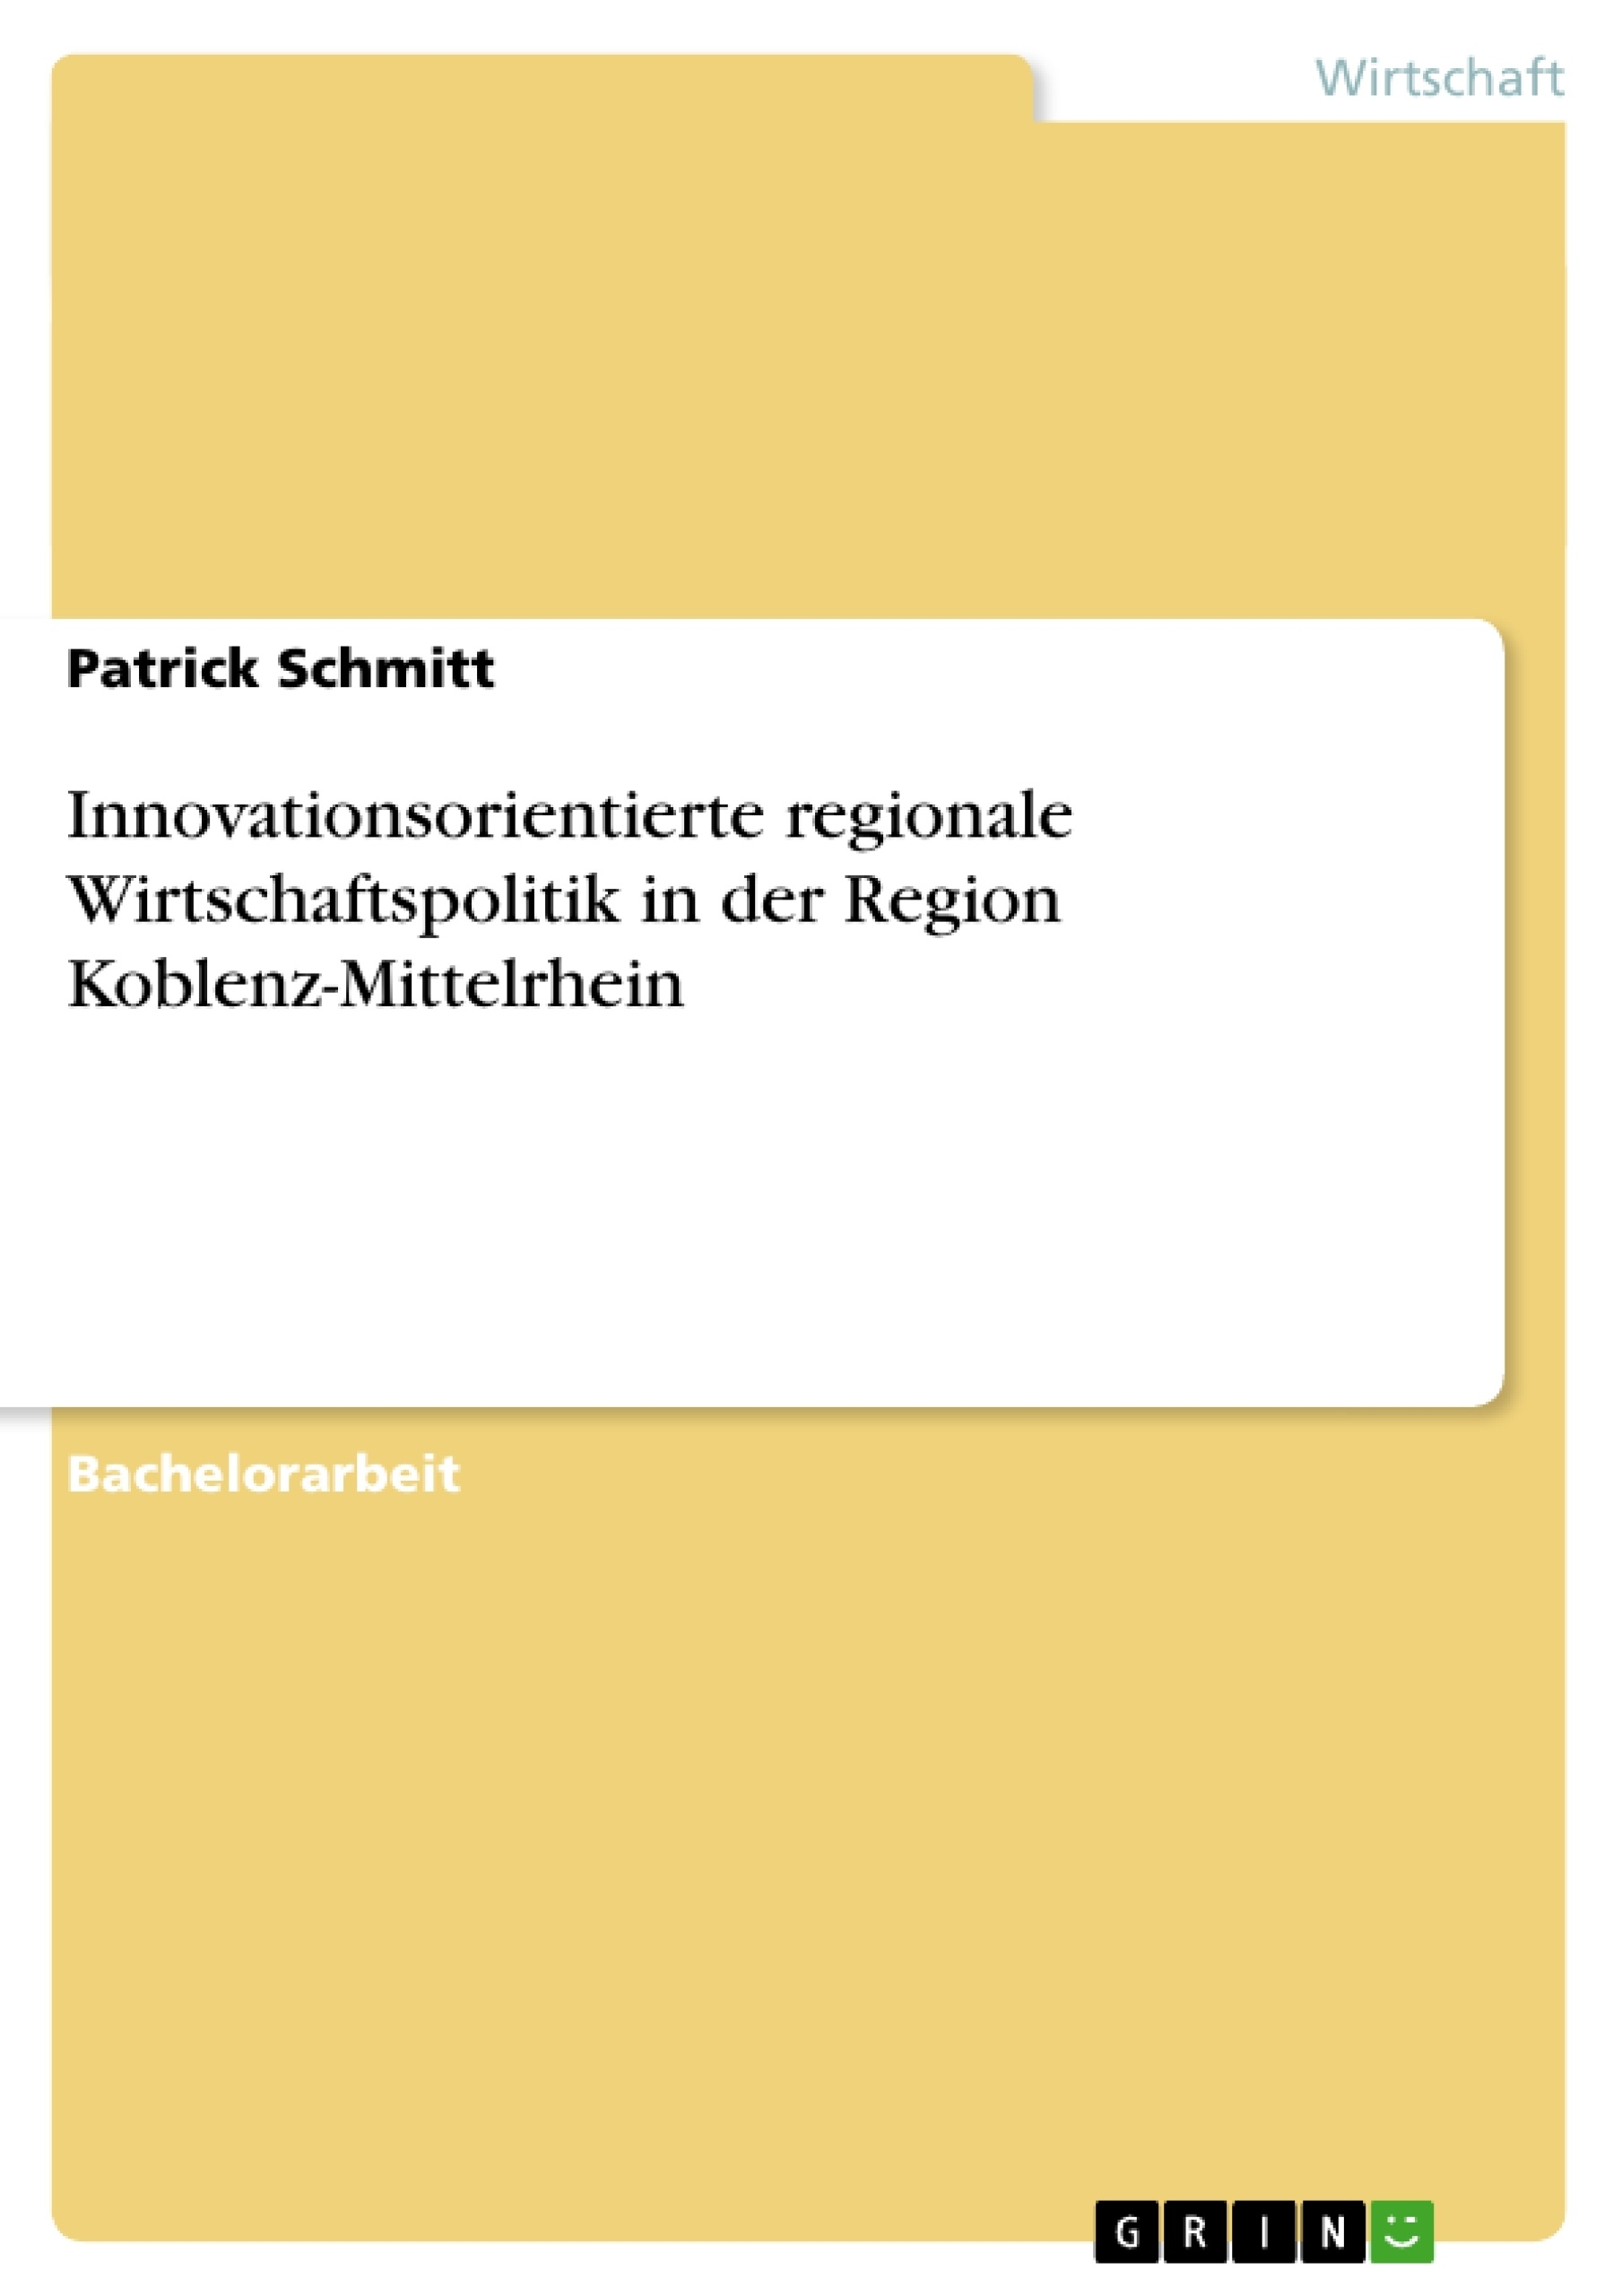 Titel: Innovationsorientierte regionale Wirtschaftspolitik in der Region Koblenz-Mittelrhein